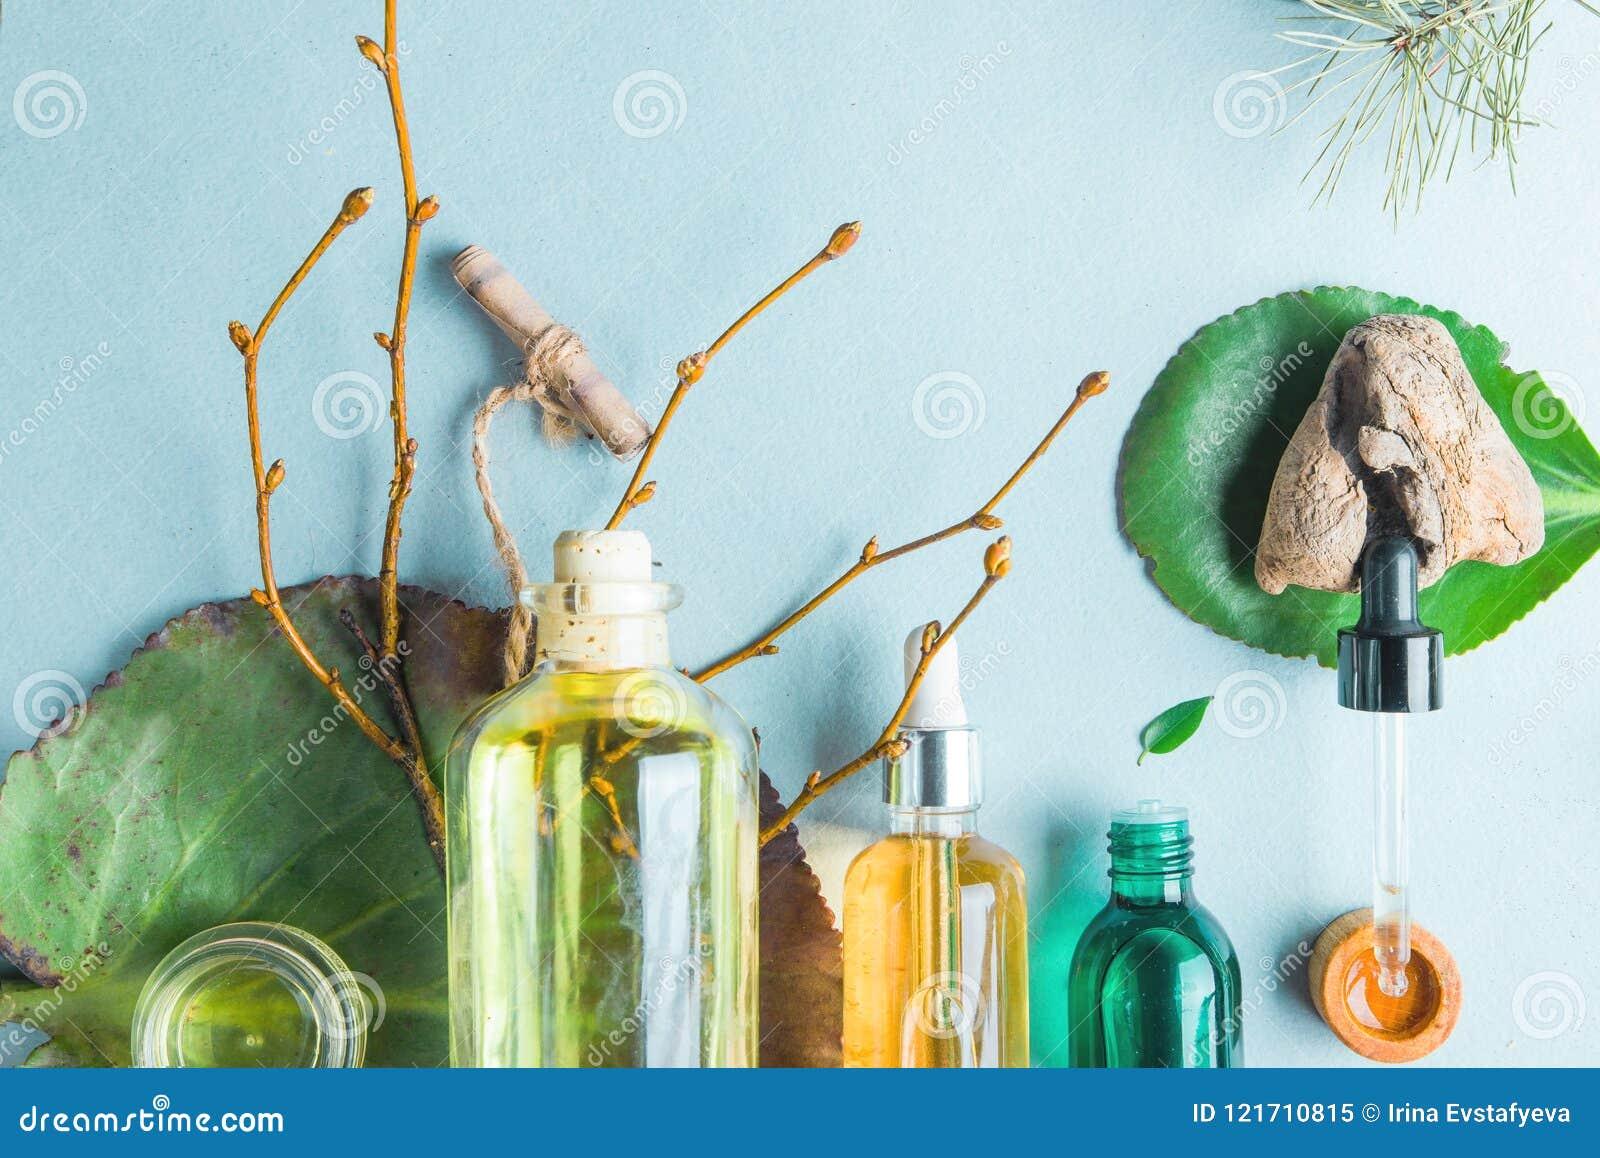 Óleos homeopaticamente, suplementos dietéticos para os cosméticos naturais da saúde intestinal, óleos para cuidados com a pele em